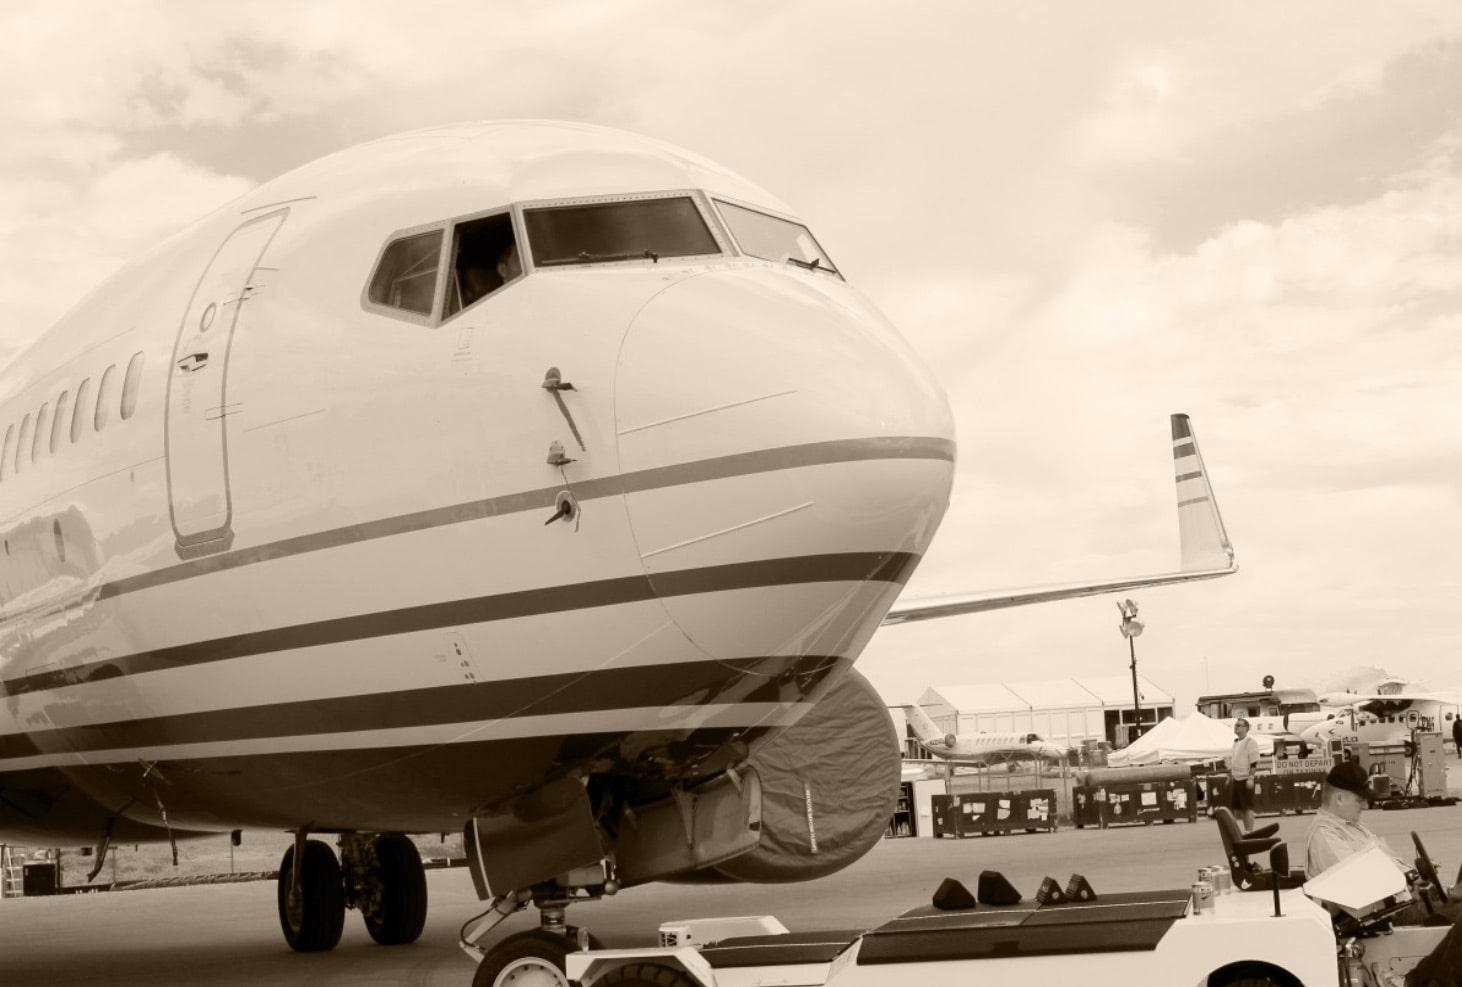 jet plane at a terminal